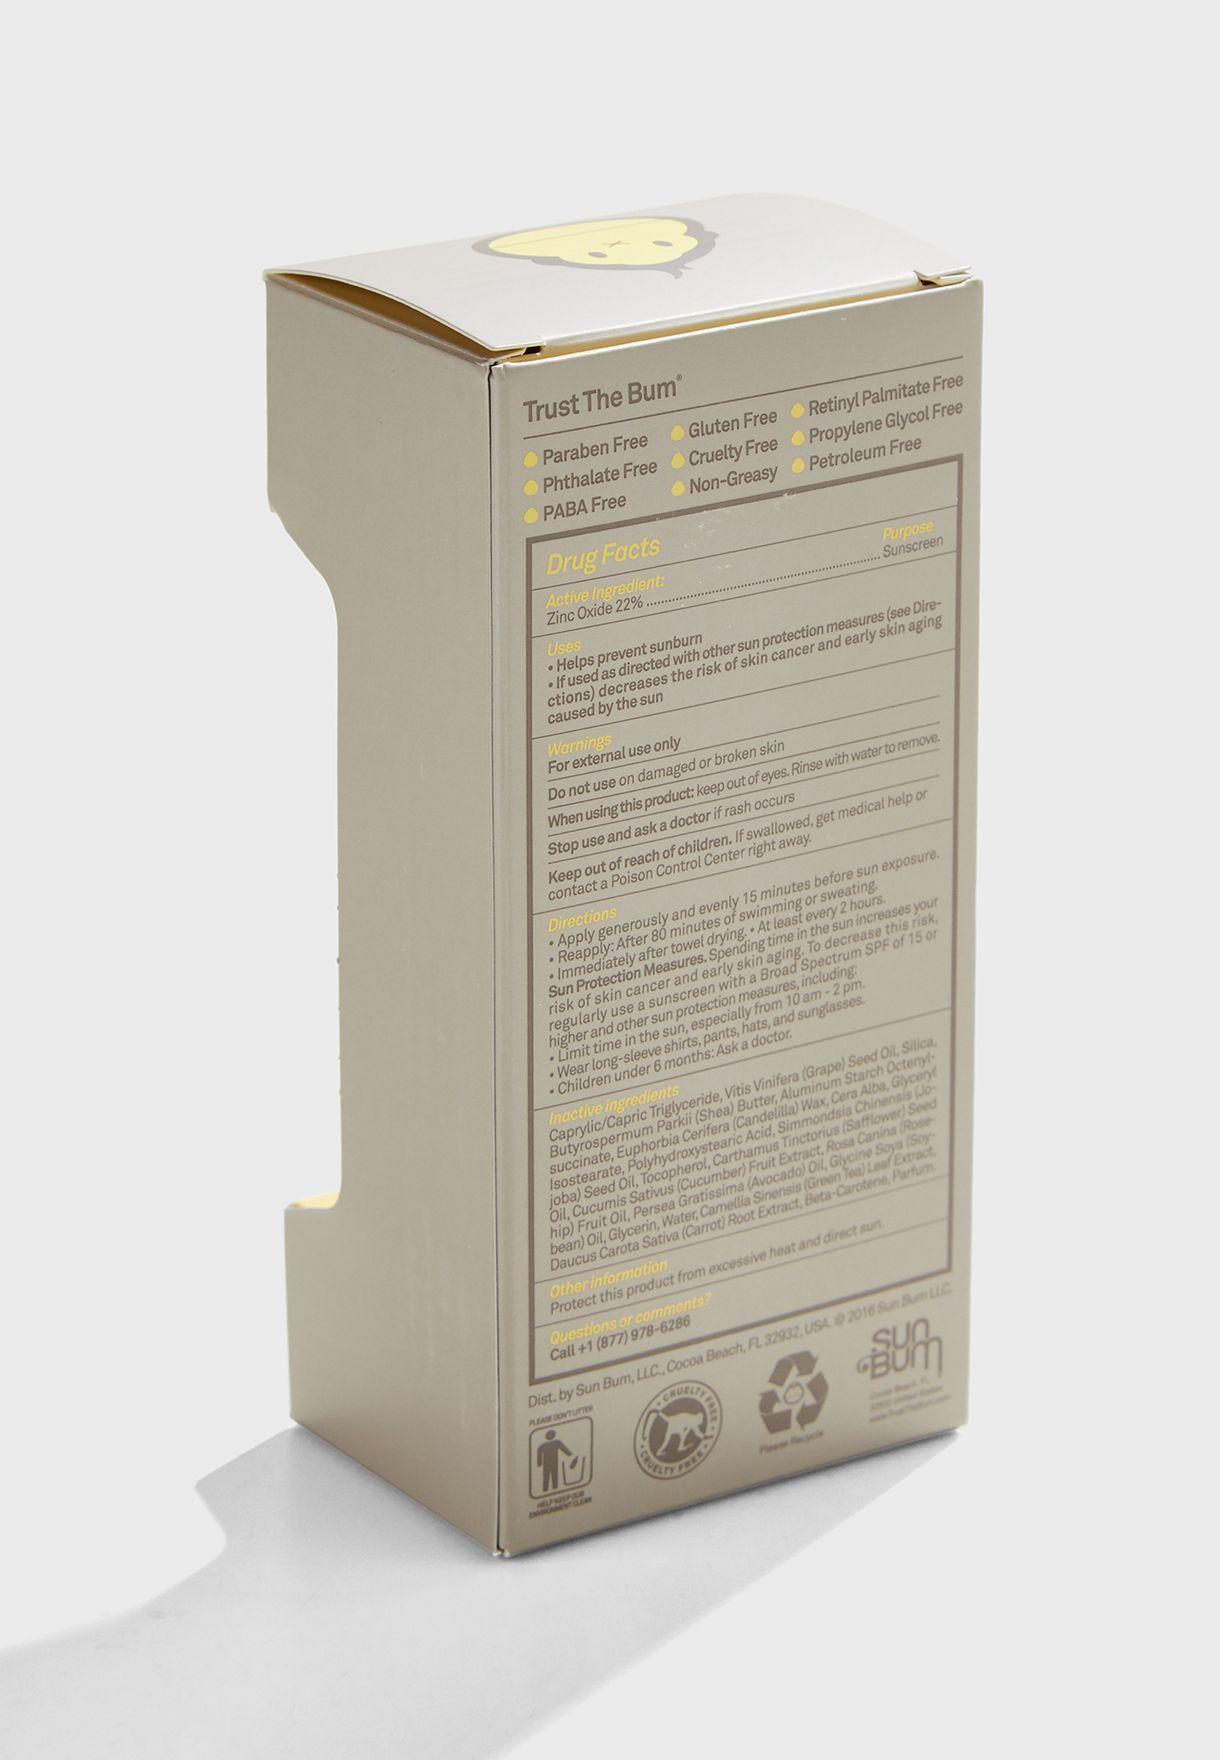 لوشن طبيعي بريميوم للاطفال بعامل حماية SPF 30 - 3 اونصة